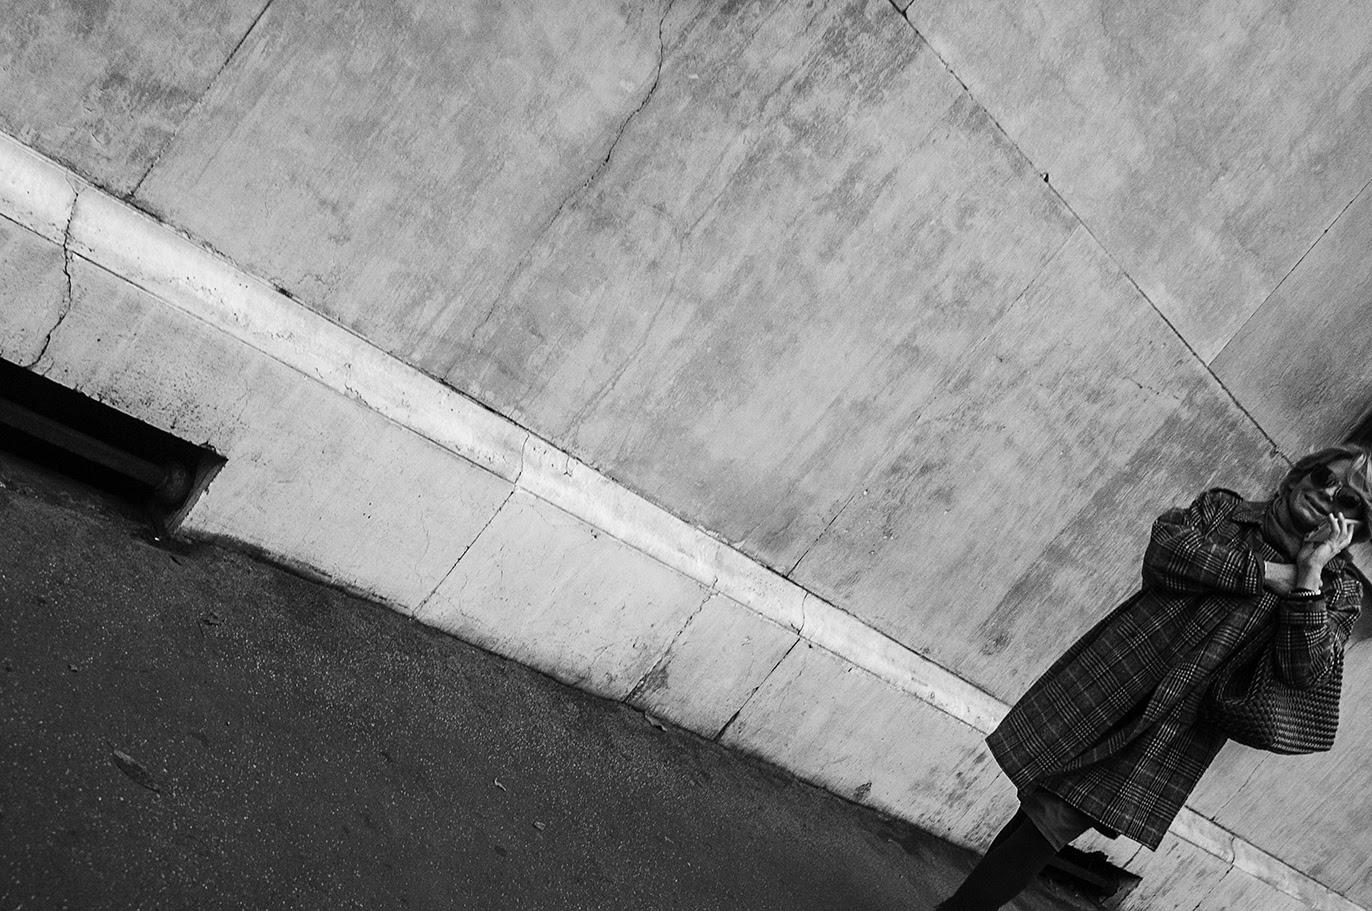 MILUNA-Ewa-Milun-Walczak-Mediolan-ludzie-ulica-przechodzni-mediolanczycy-Przechodnie-1